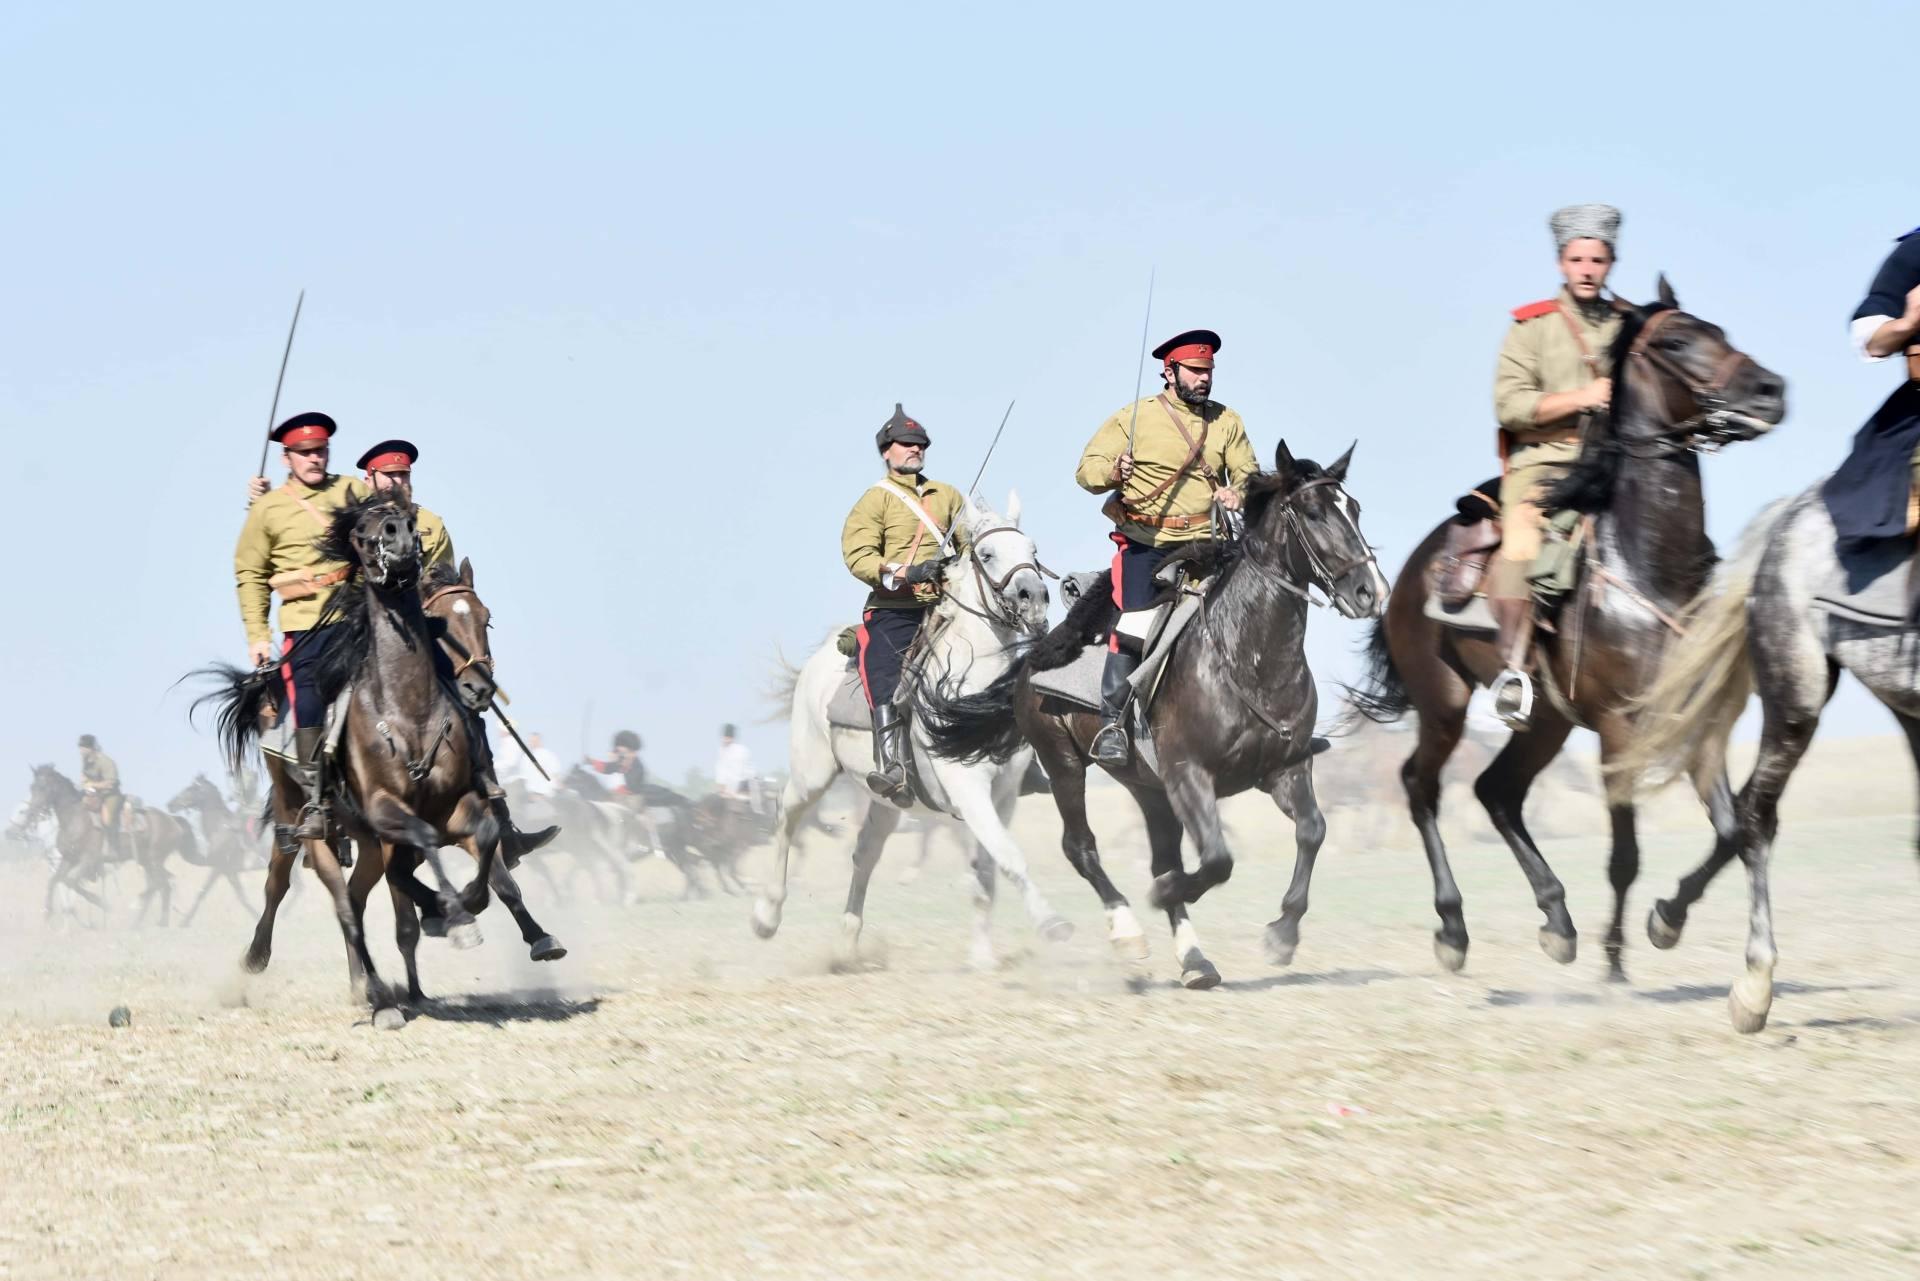 dsc 1036 Czas szabli - 100 rocznica bitwy pod Komarowem(zdjęcia)